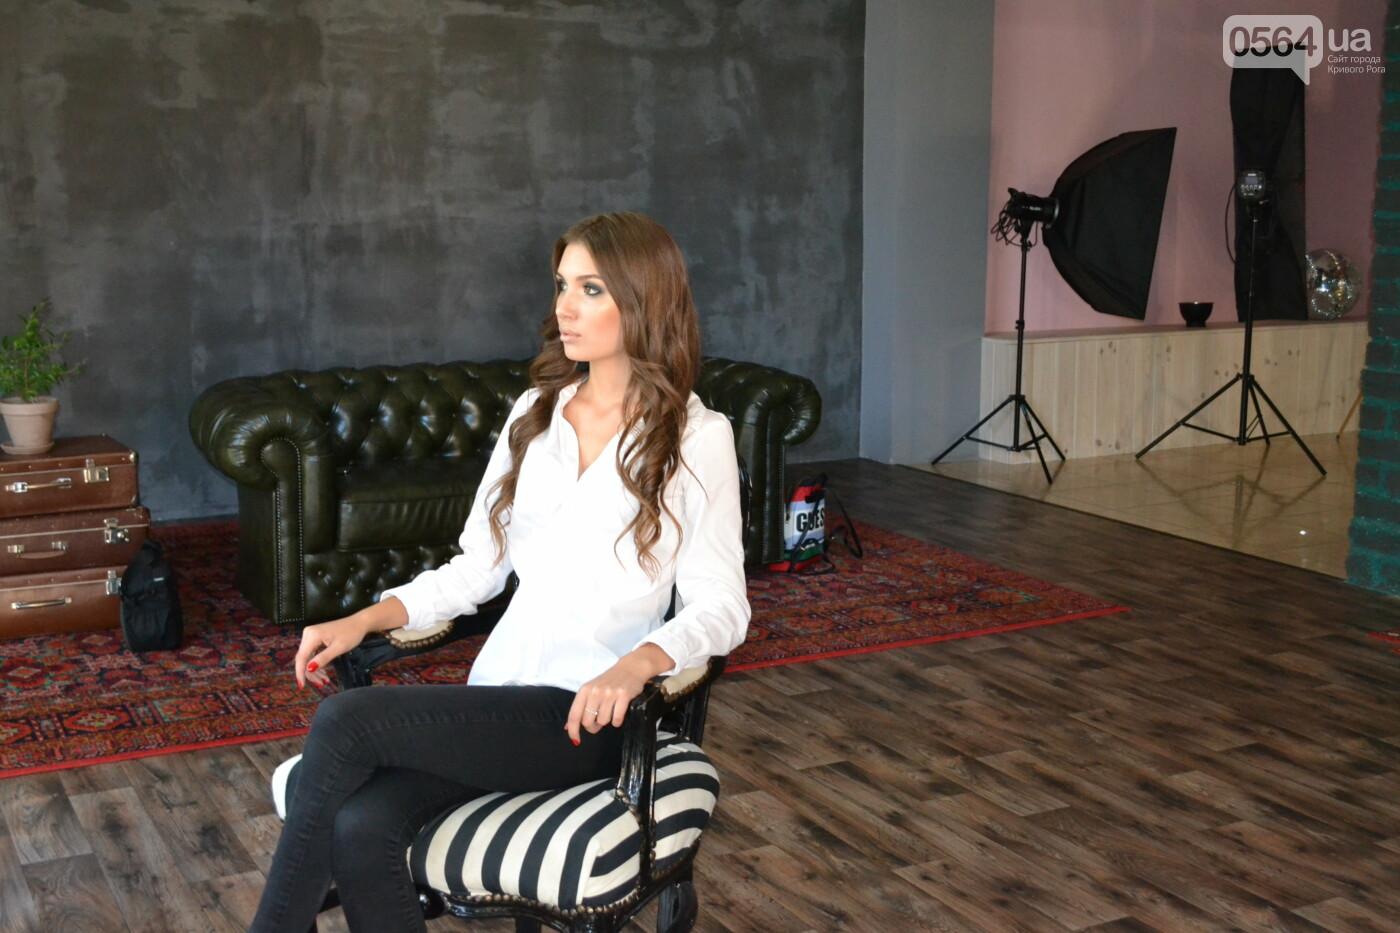 """Познать себя с """"Колибри"""": криворожанка придумала увлекательный проект, который поможет выбрать профессию, - ФОТО, ВИДЕО, фото-8"""